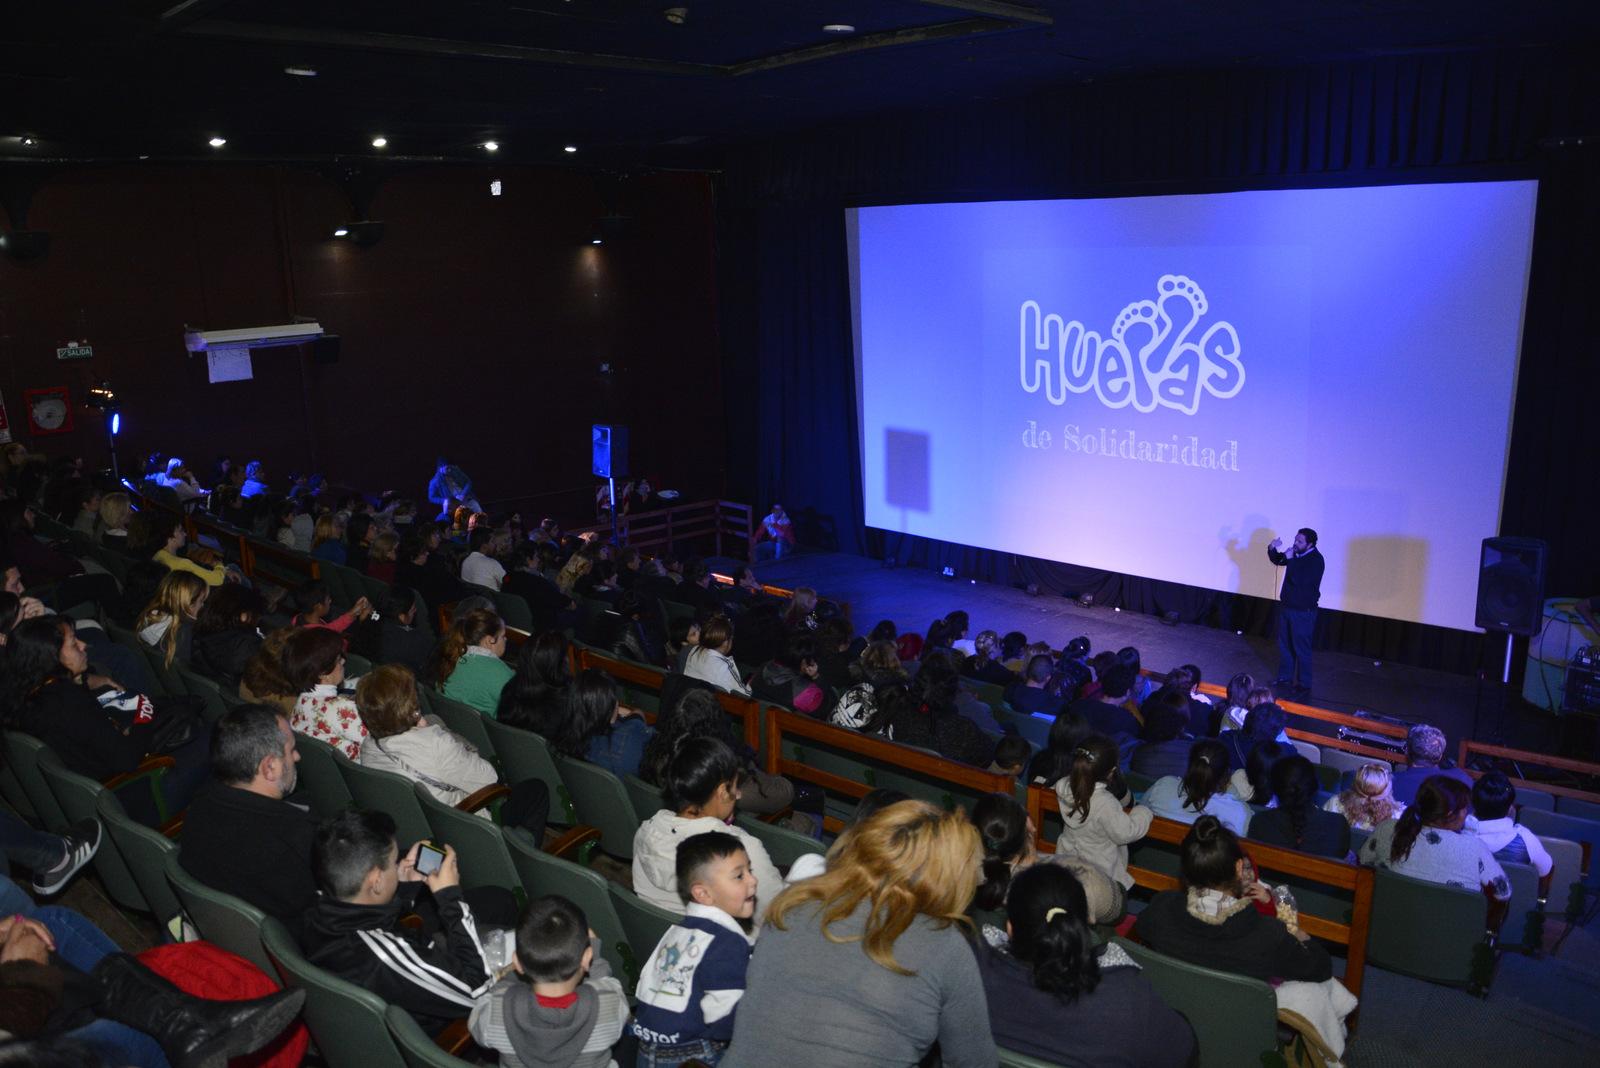 La tribuna | Encuentro de 350 voluntarios de comedores y ... - photo#29